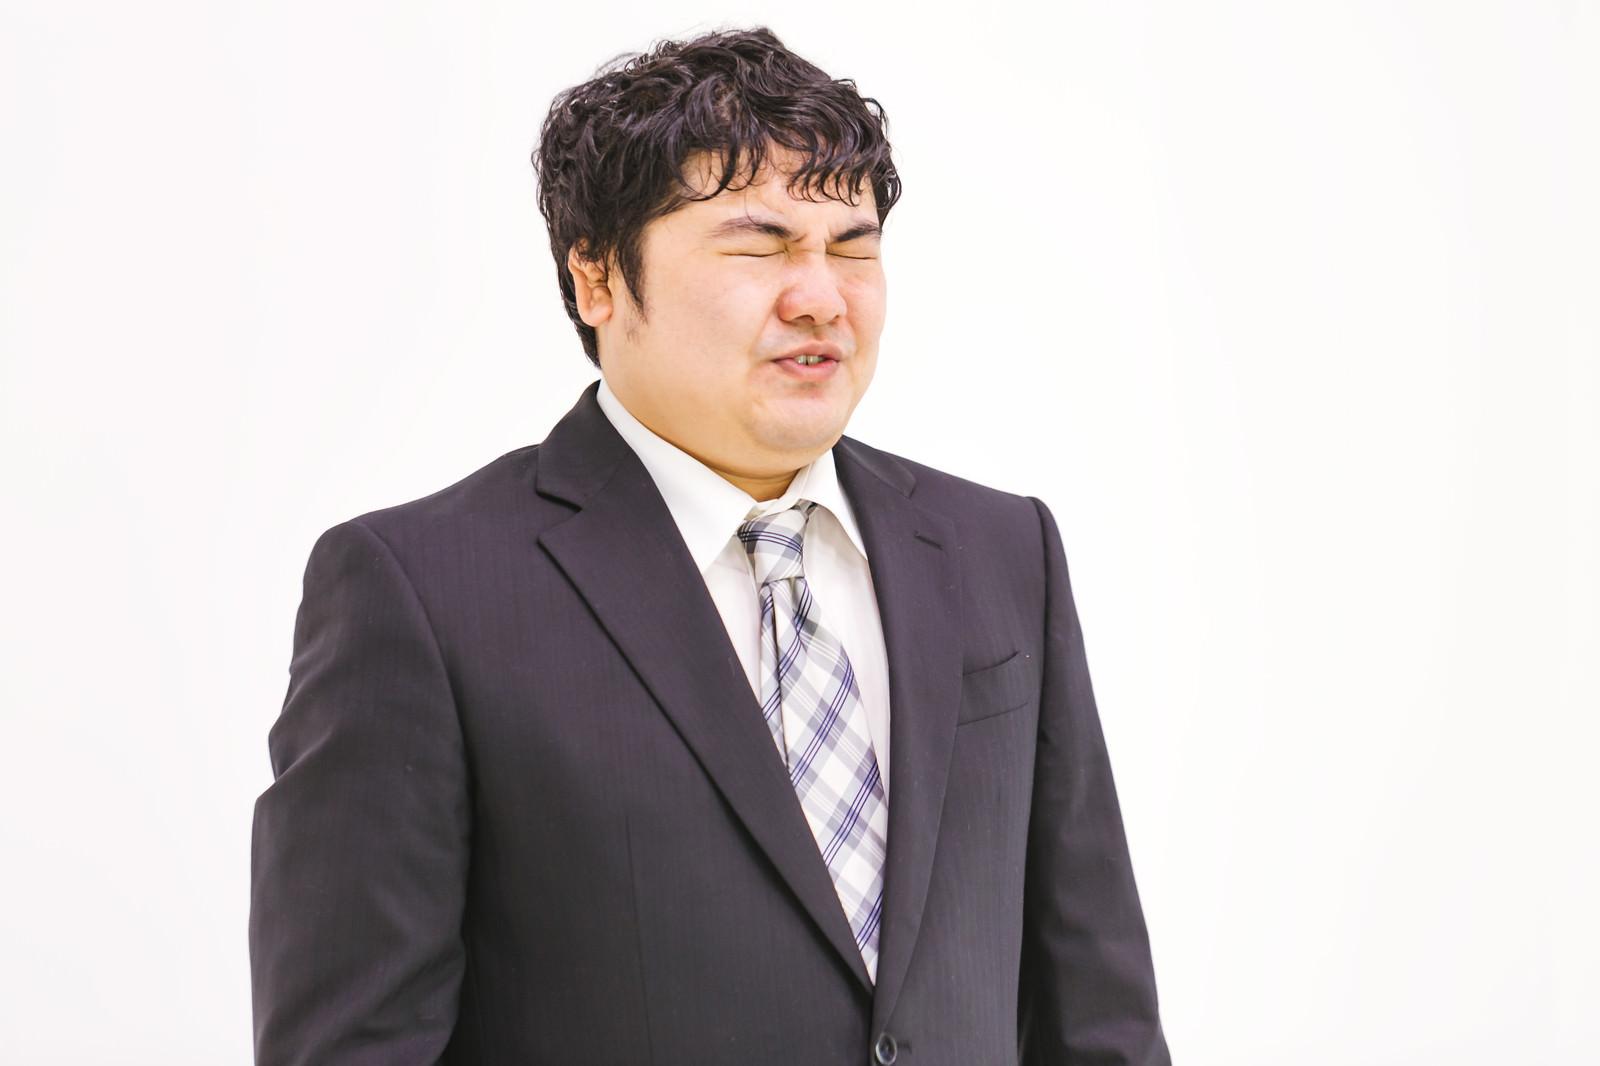 「苦渋の色を浮かべる会社員」[モデル:段田隼人]